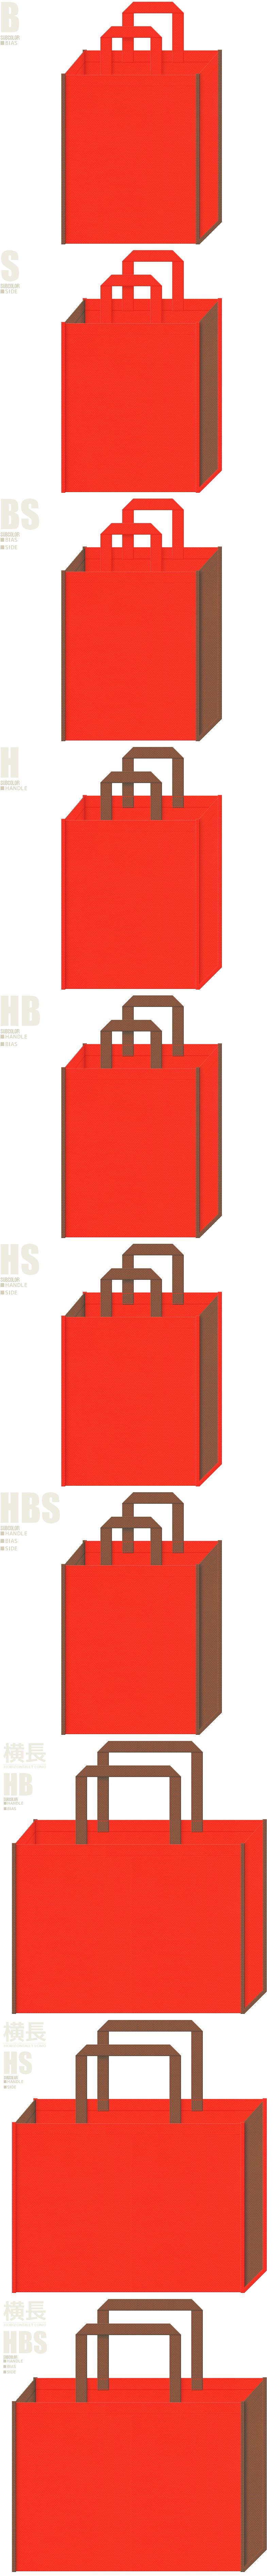 紅茶・レシピ・お料理教室・ハロウィンのイメージにお奨めの不織布バッグデザイン:オレンジ色と茶色の配色7パターン